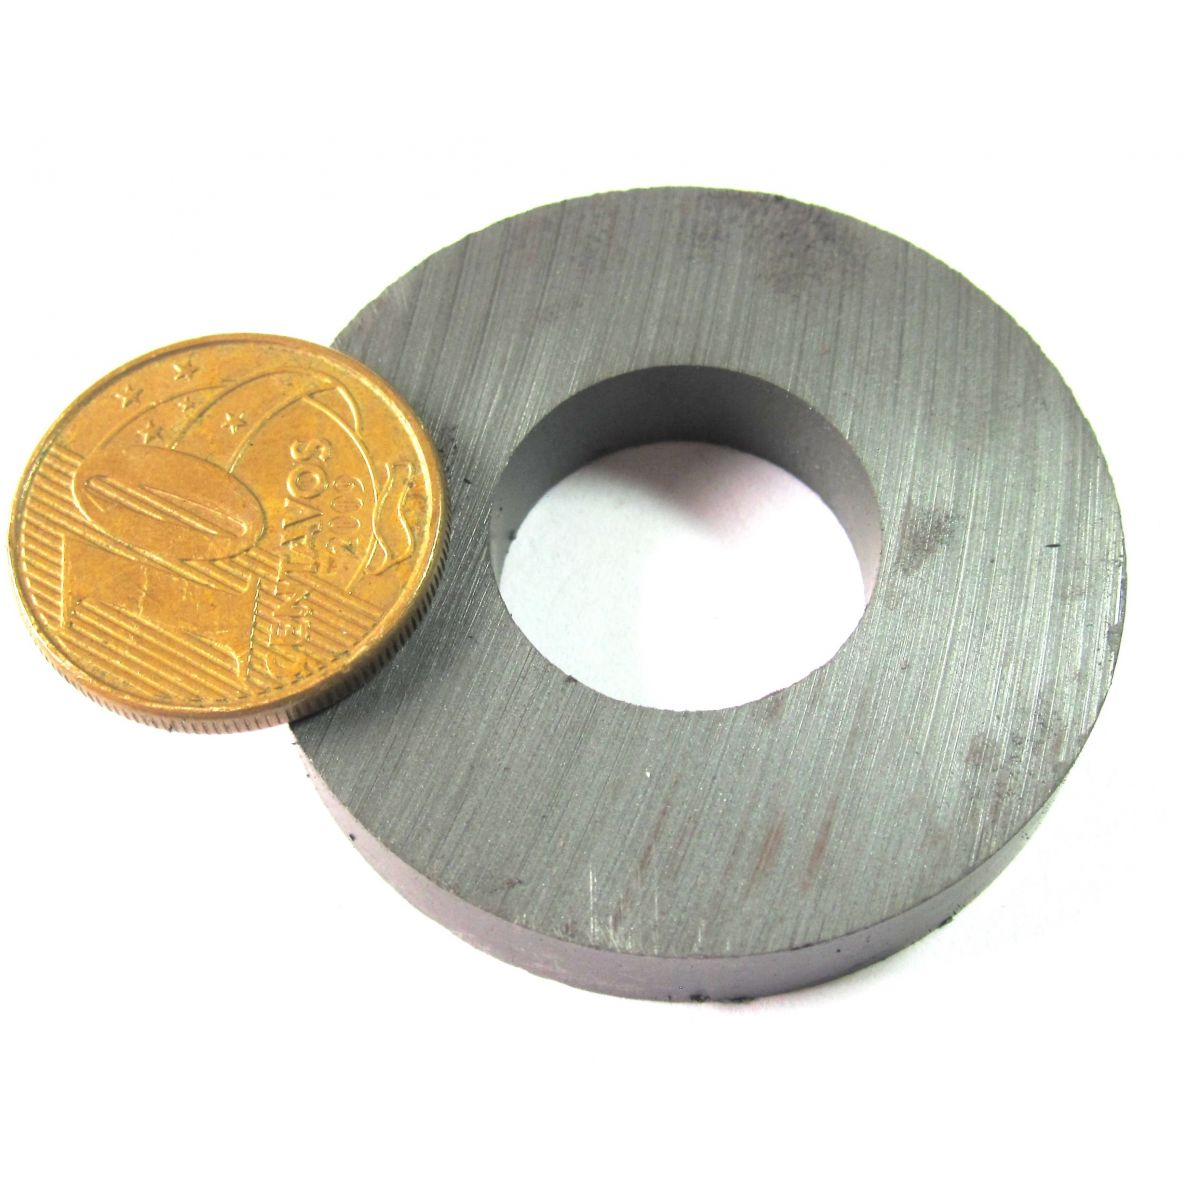 Imã de Ferrite Anel (cerâmica) Y25 40x18x7 mm